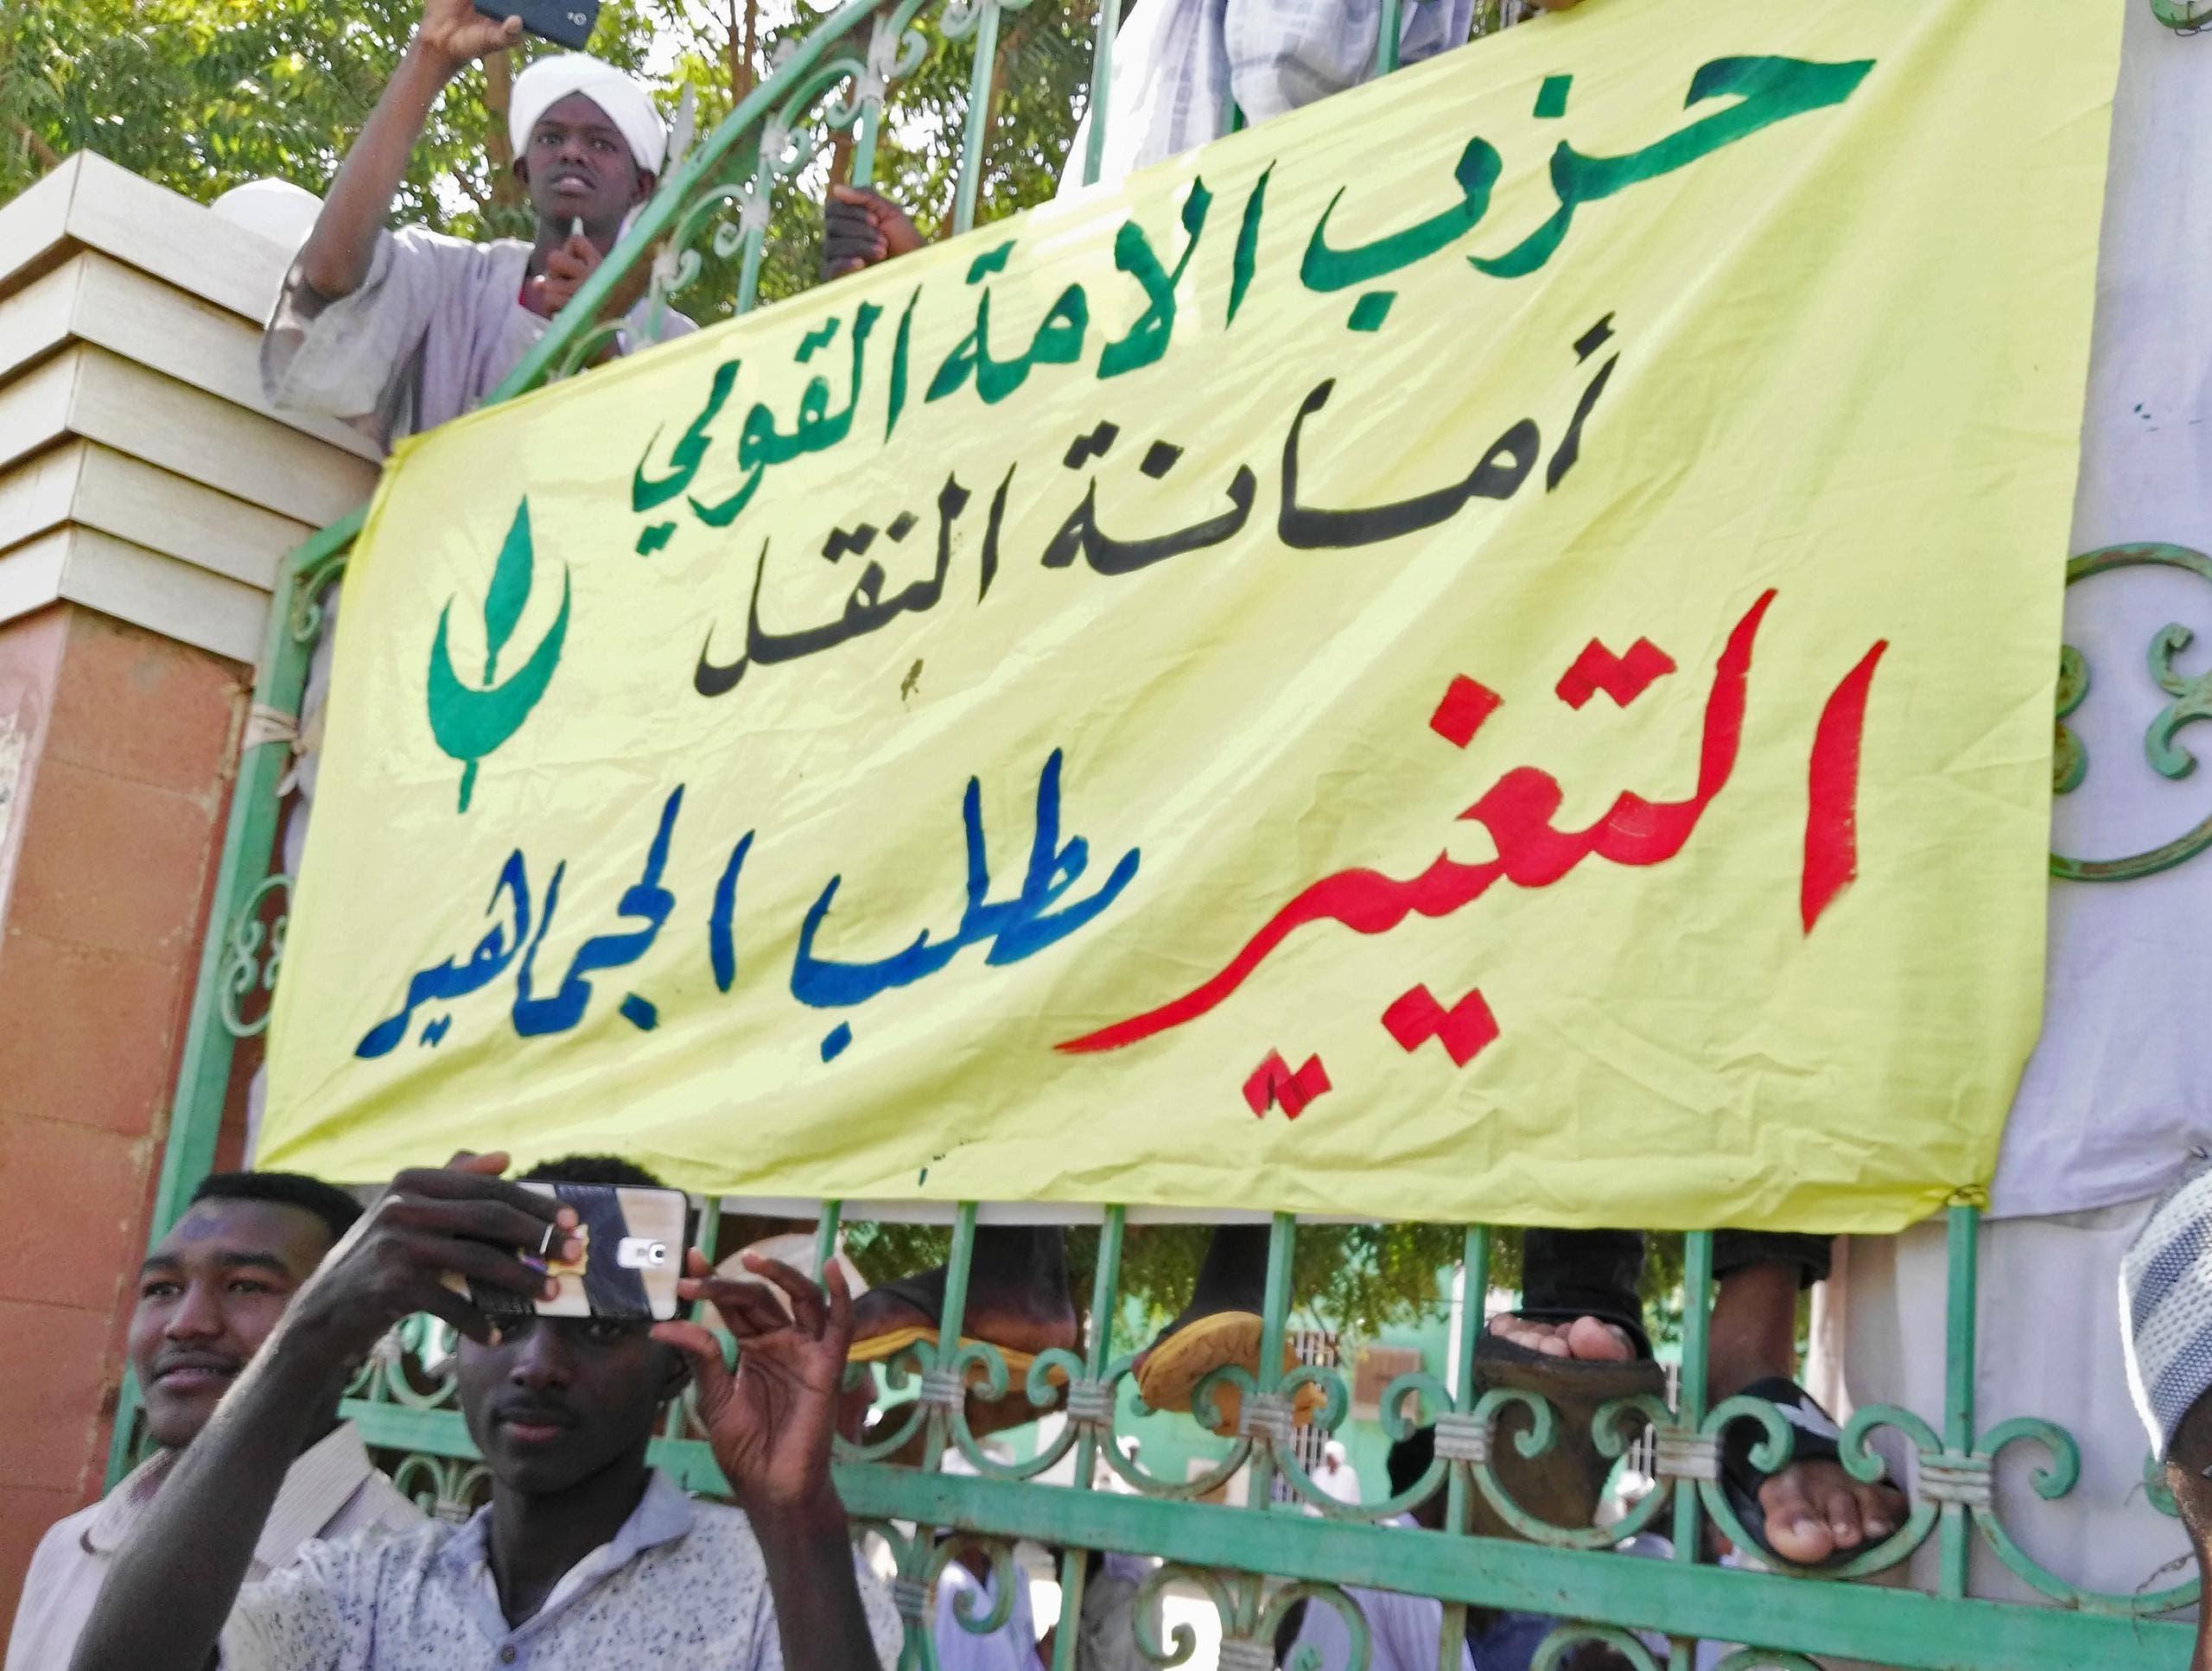 تظاهرات سودان (خبرگزاری فرانسه)